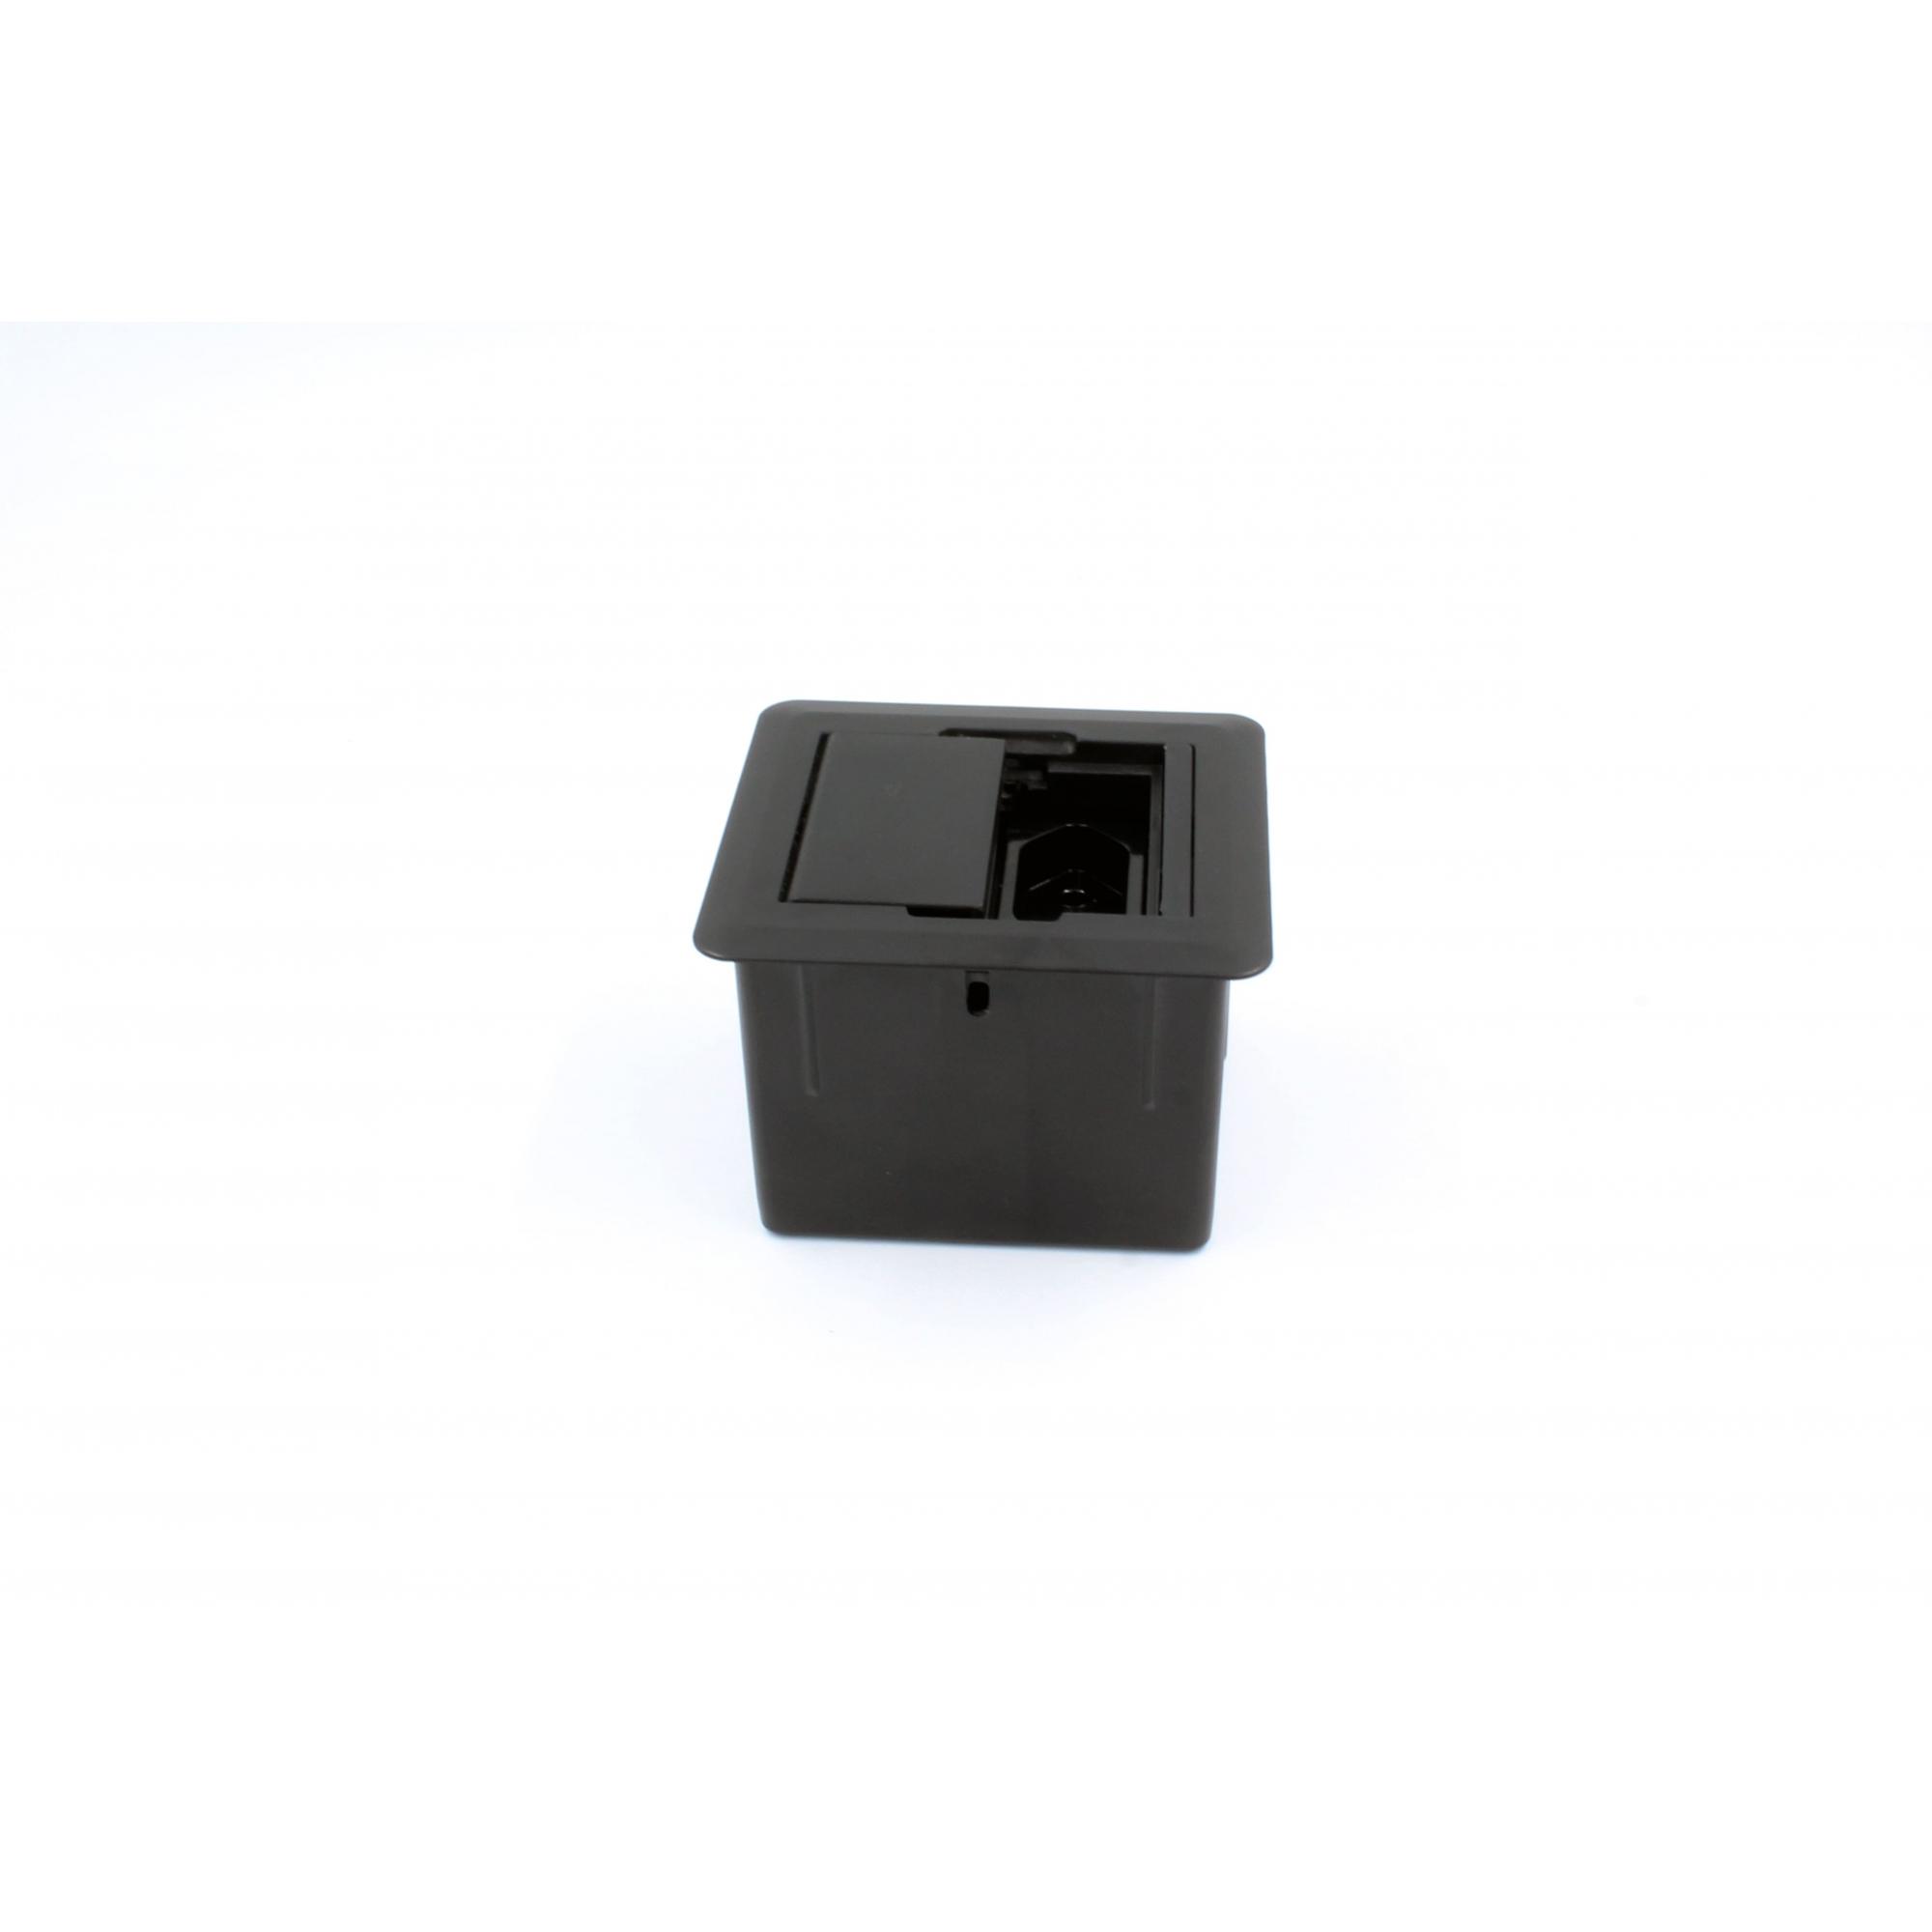 Caixa Universal Quadrada 2 Tomadas c/ Fundo - Preto